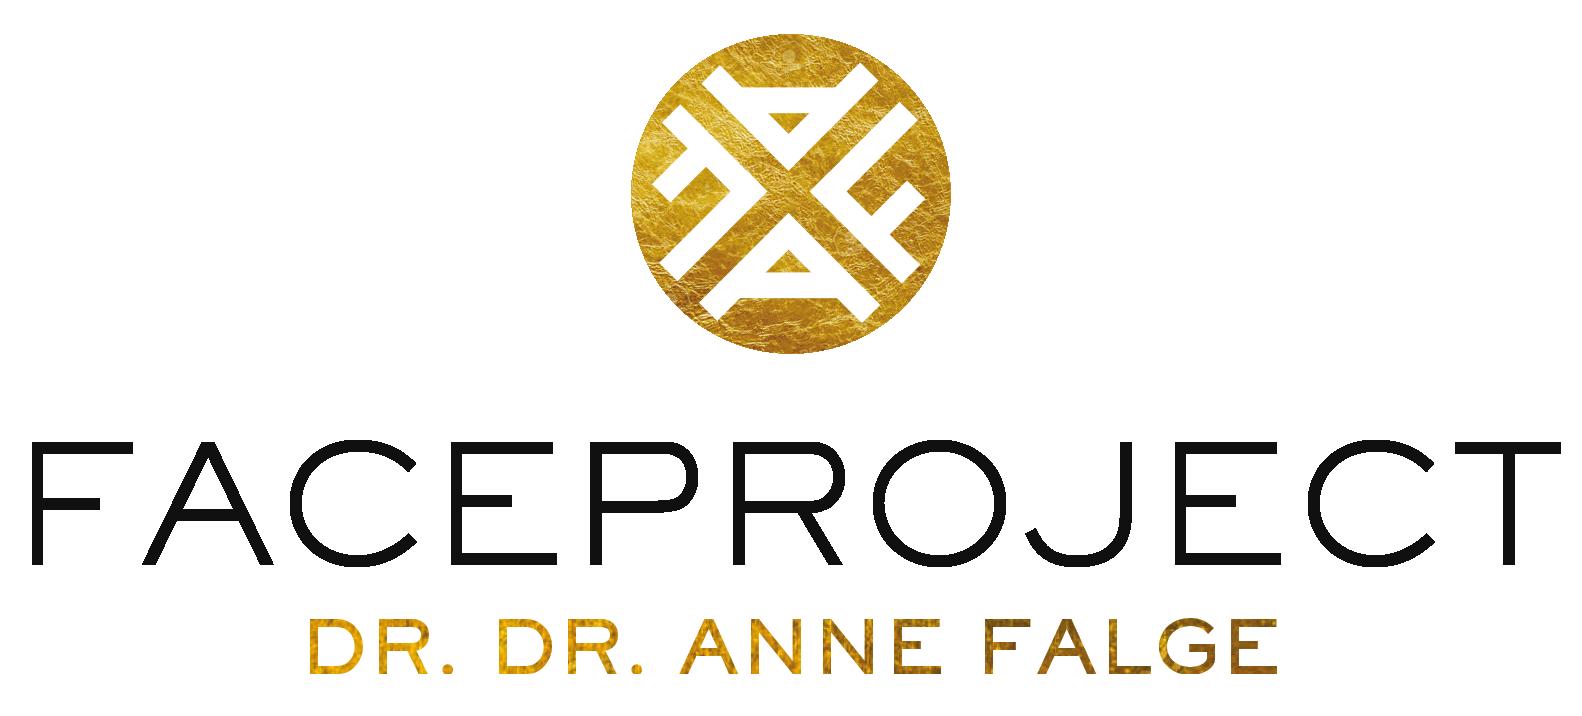 Dr. Dr. Anne Falge